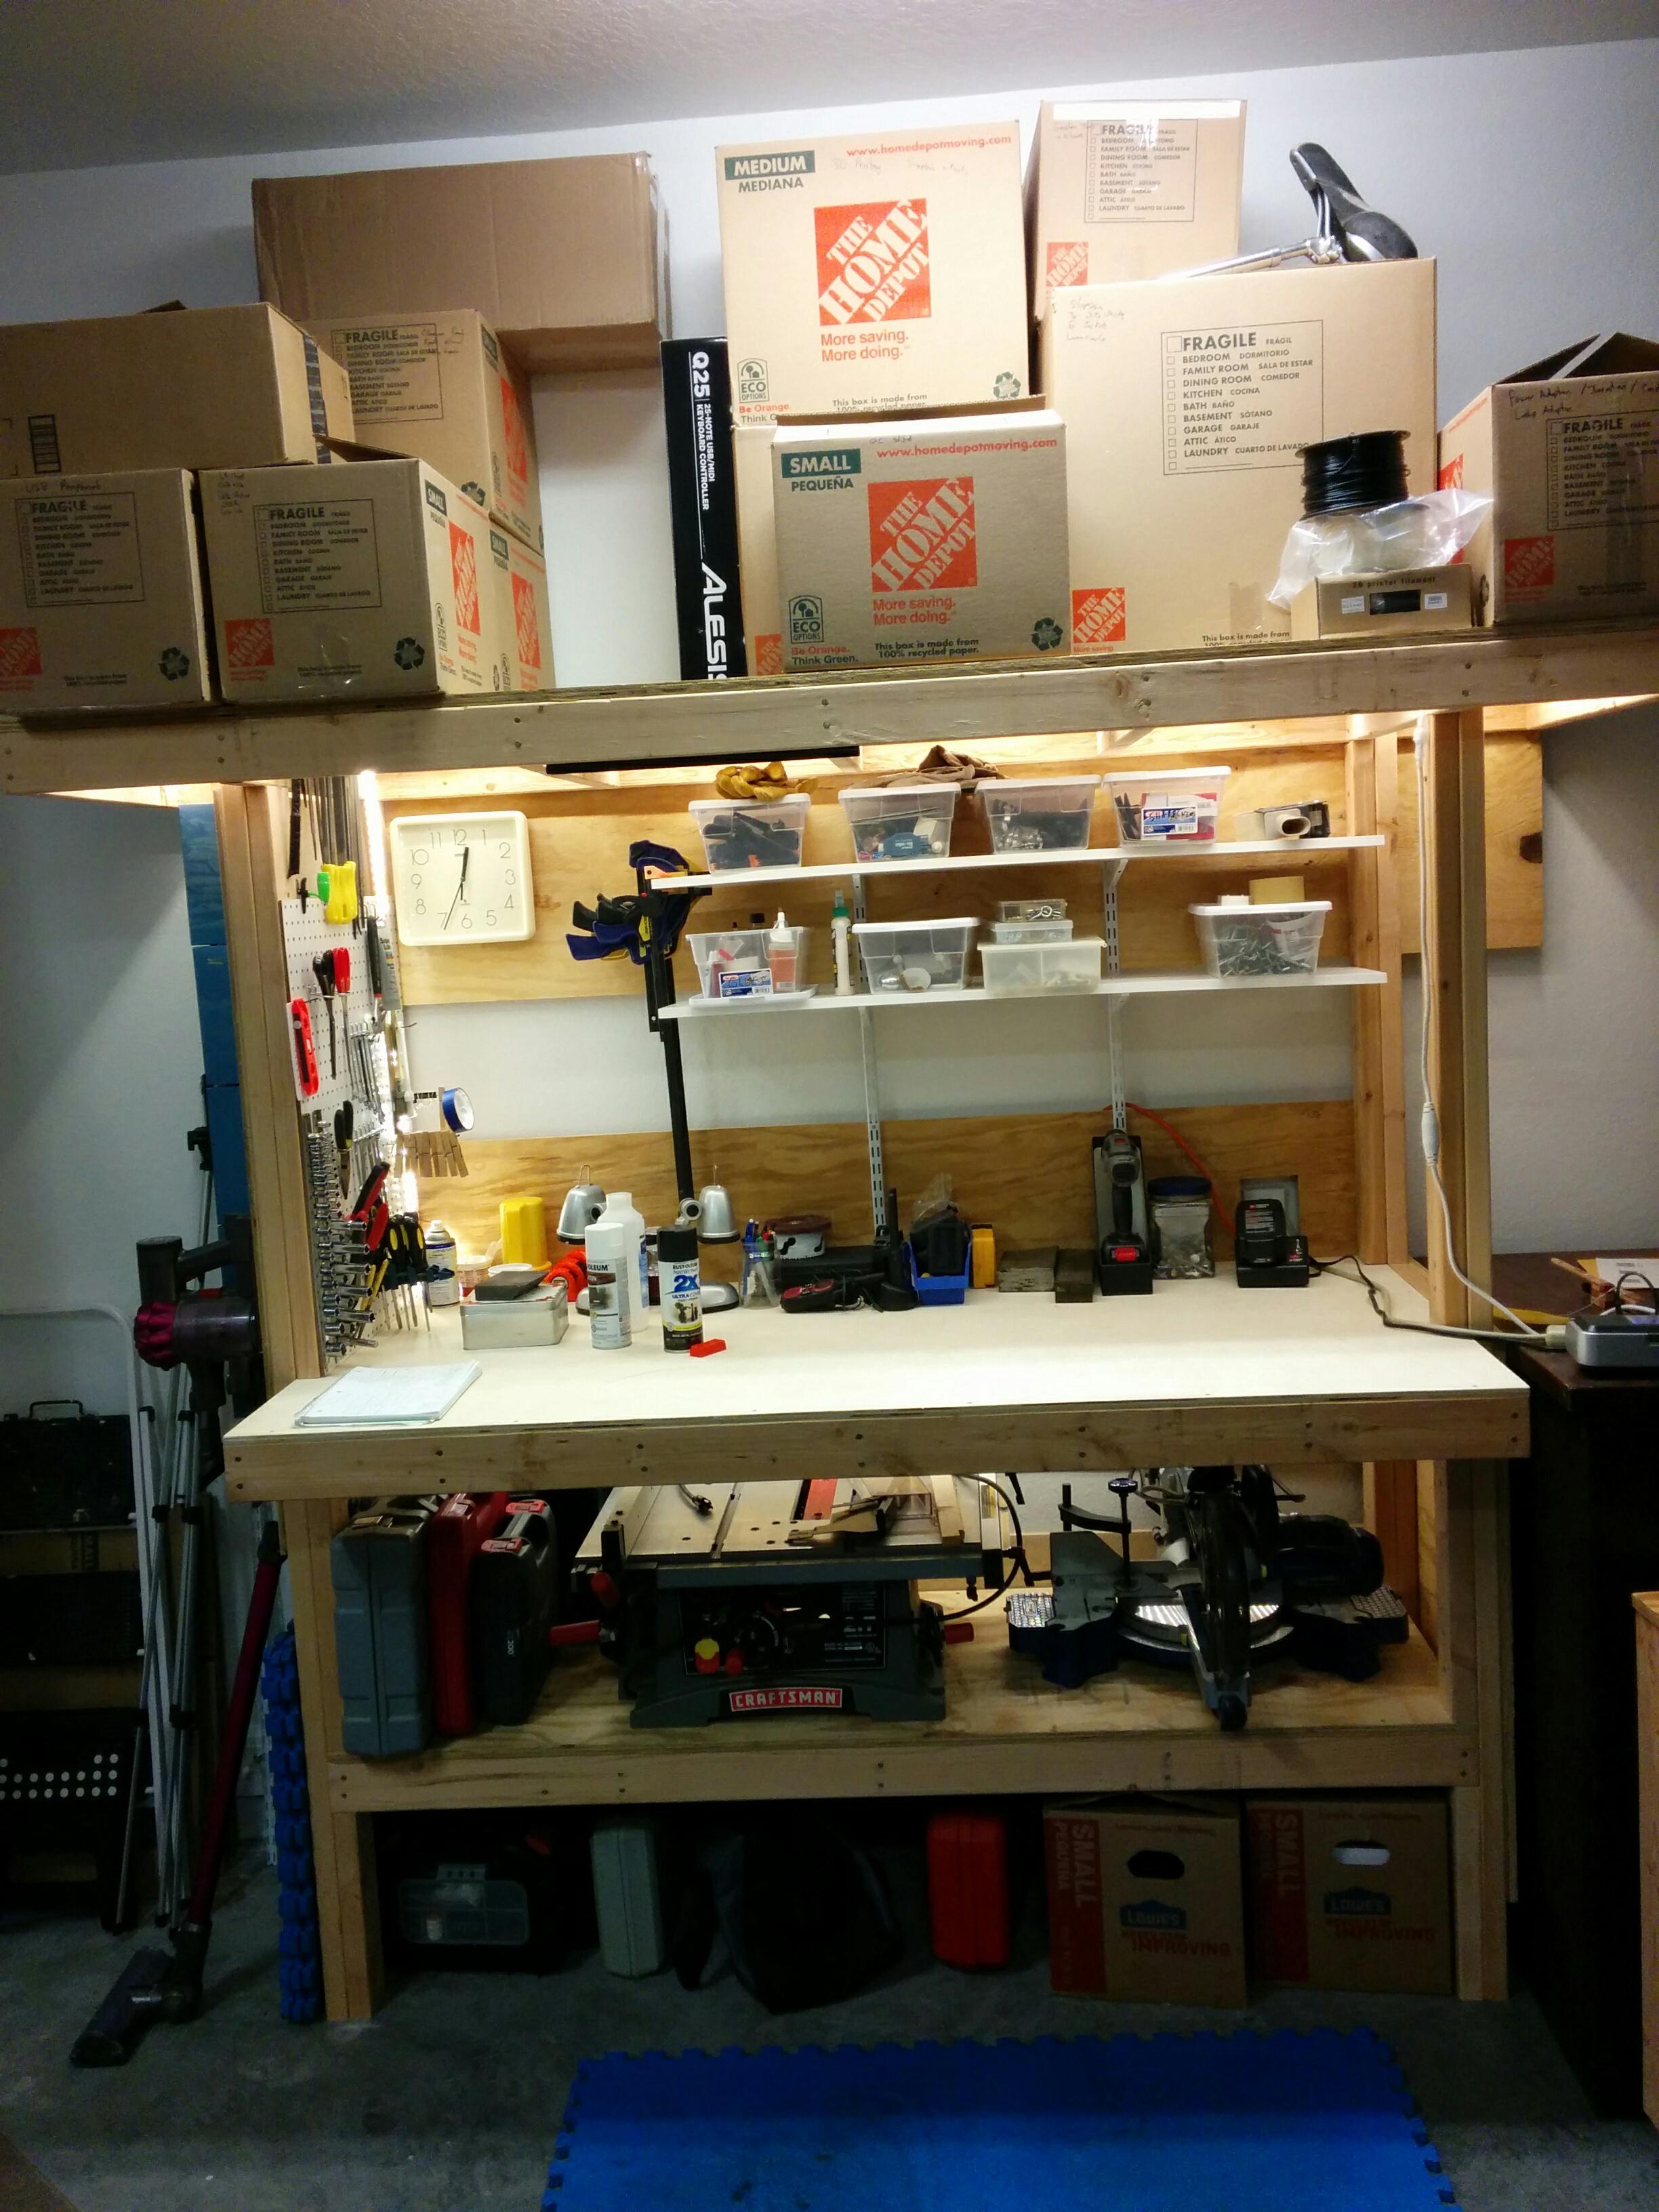 Groovy Build A Workbench From Plywood And 24S Jays Technical Talk Creativecarmelina Interior Chair Design Creativecarmelinacom